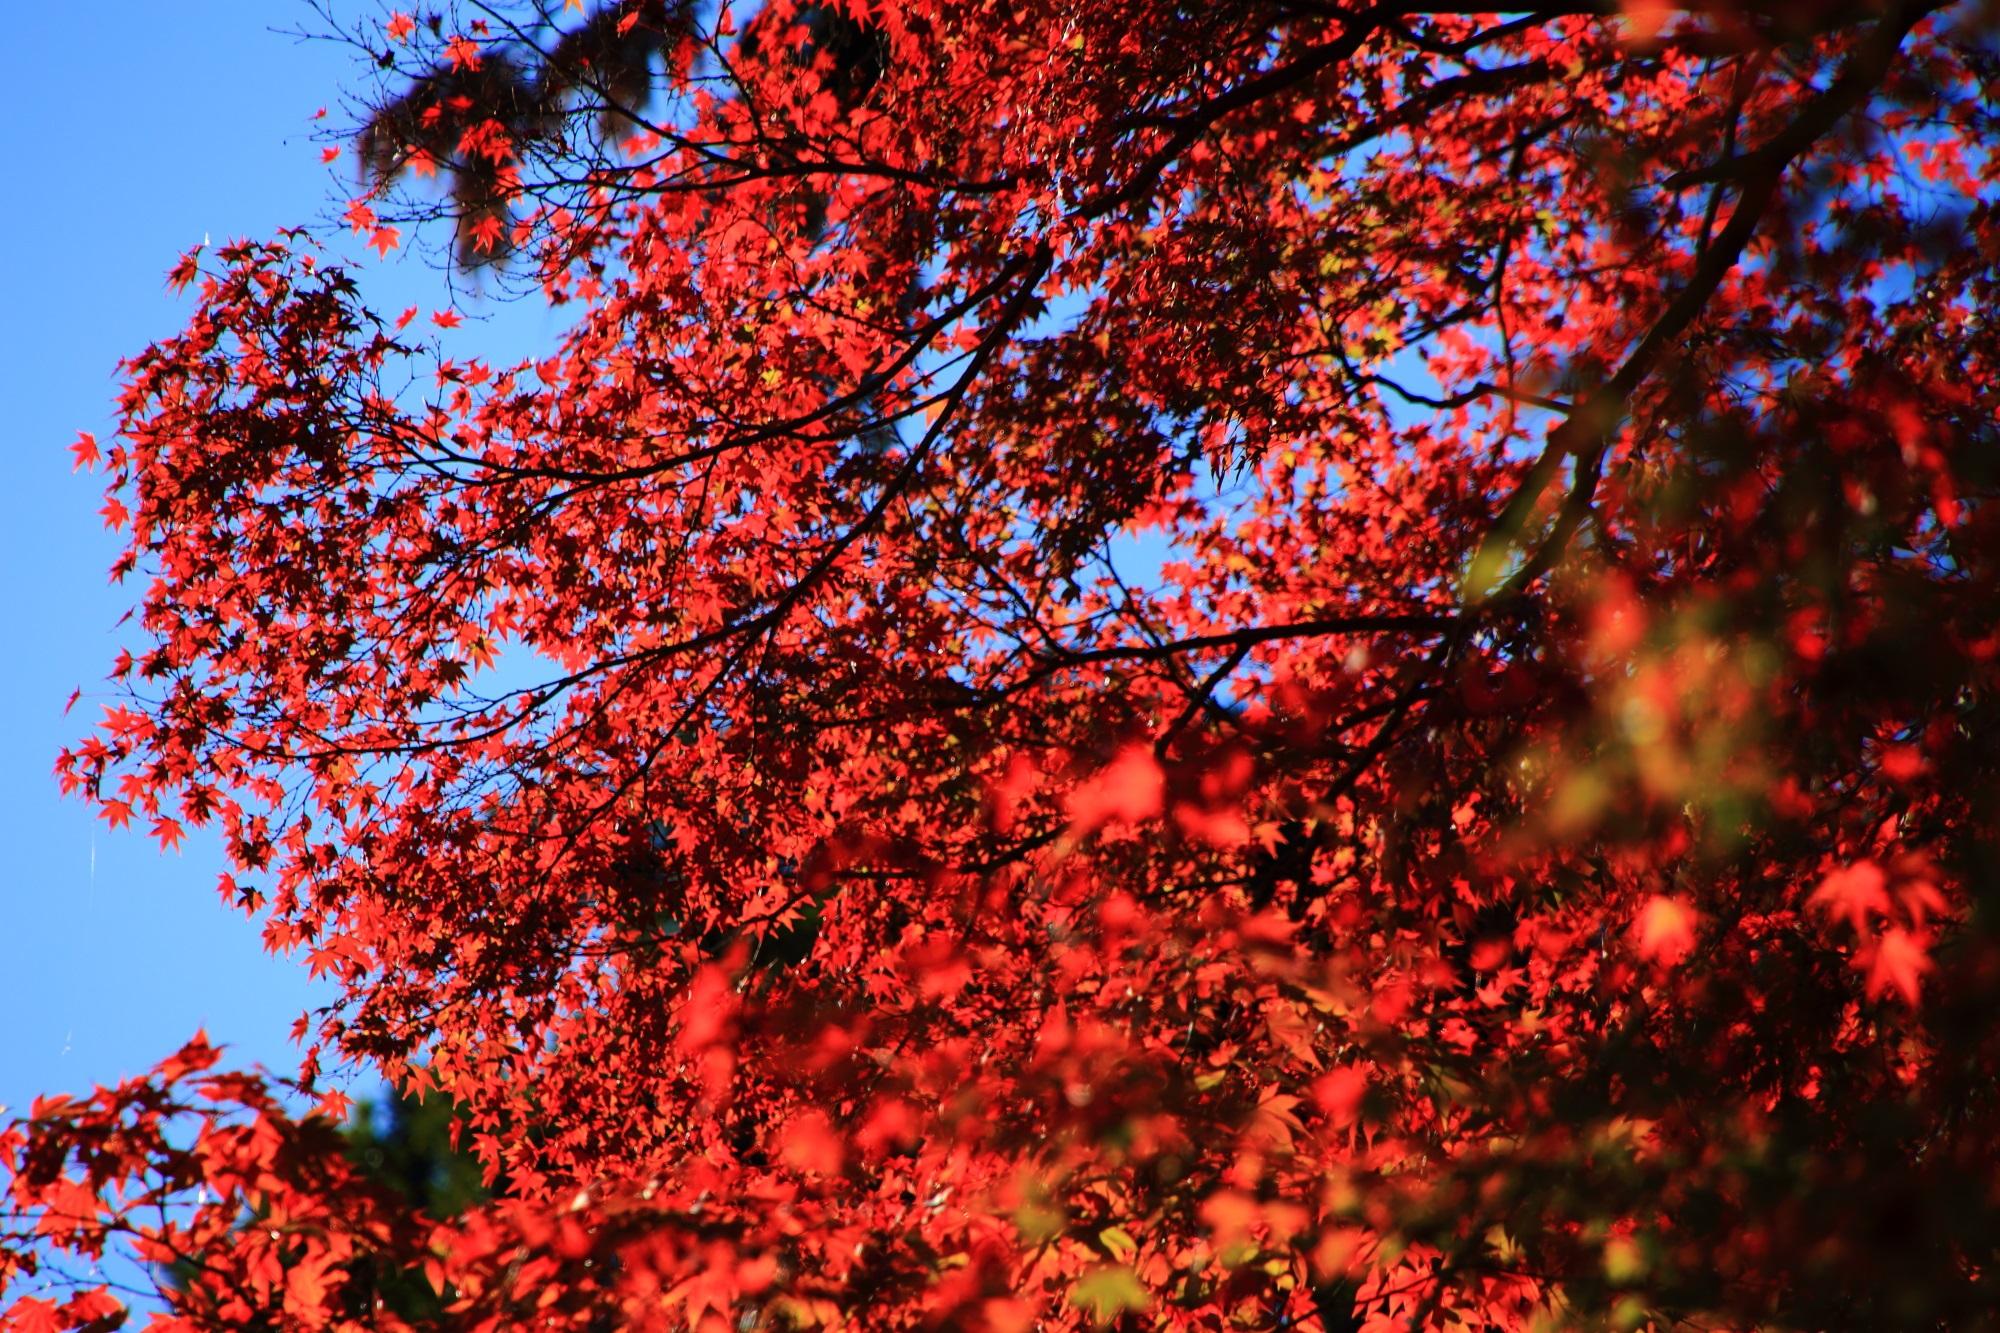 真っ赤な紅葉につつまれた奥嵯峨のもみじの名所の常寂光寺